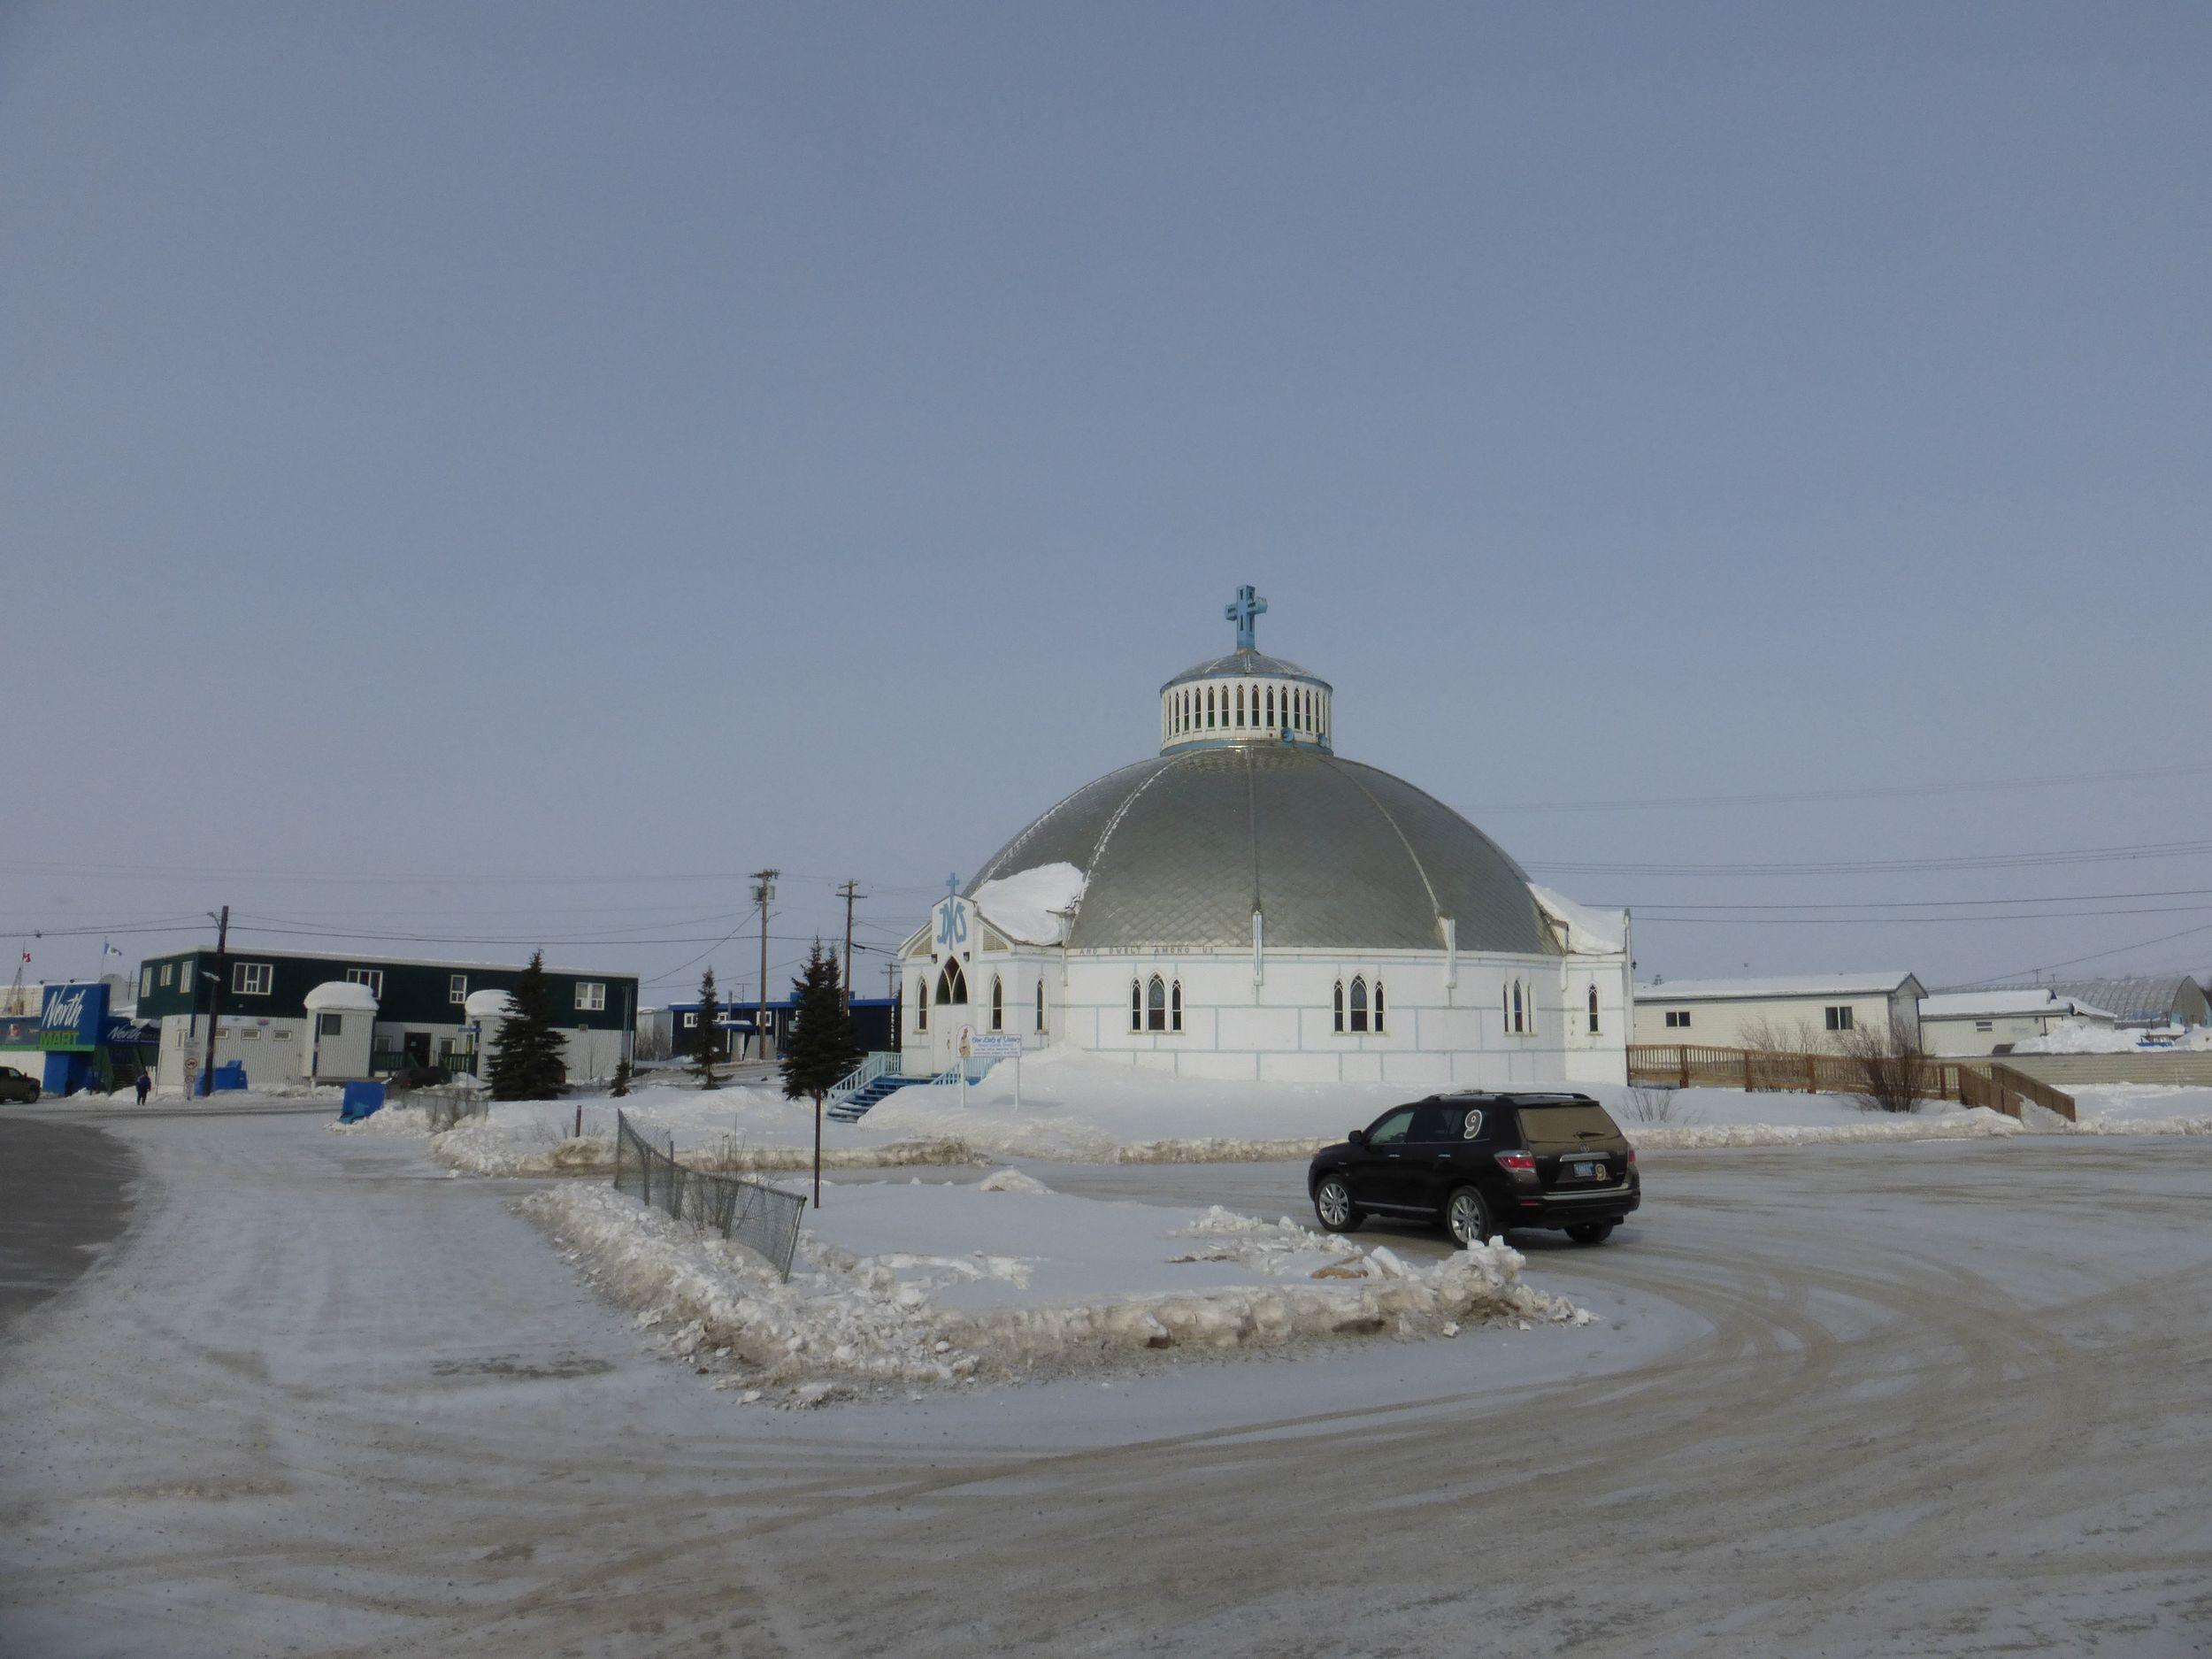 Inuvik's Igloo church